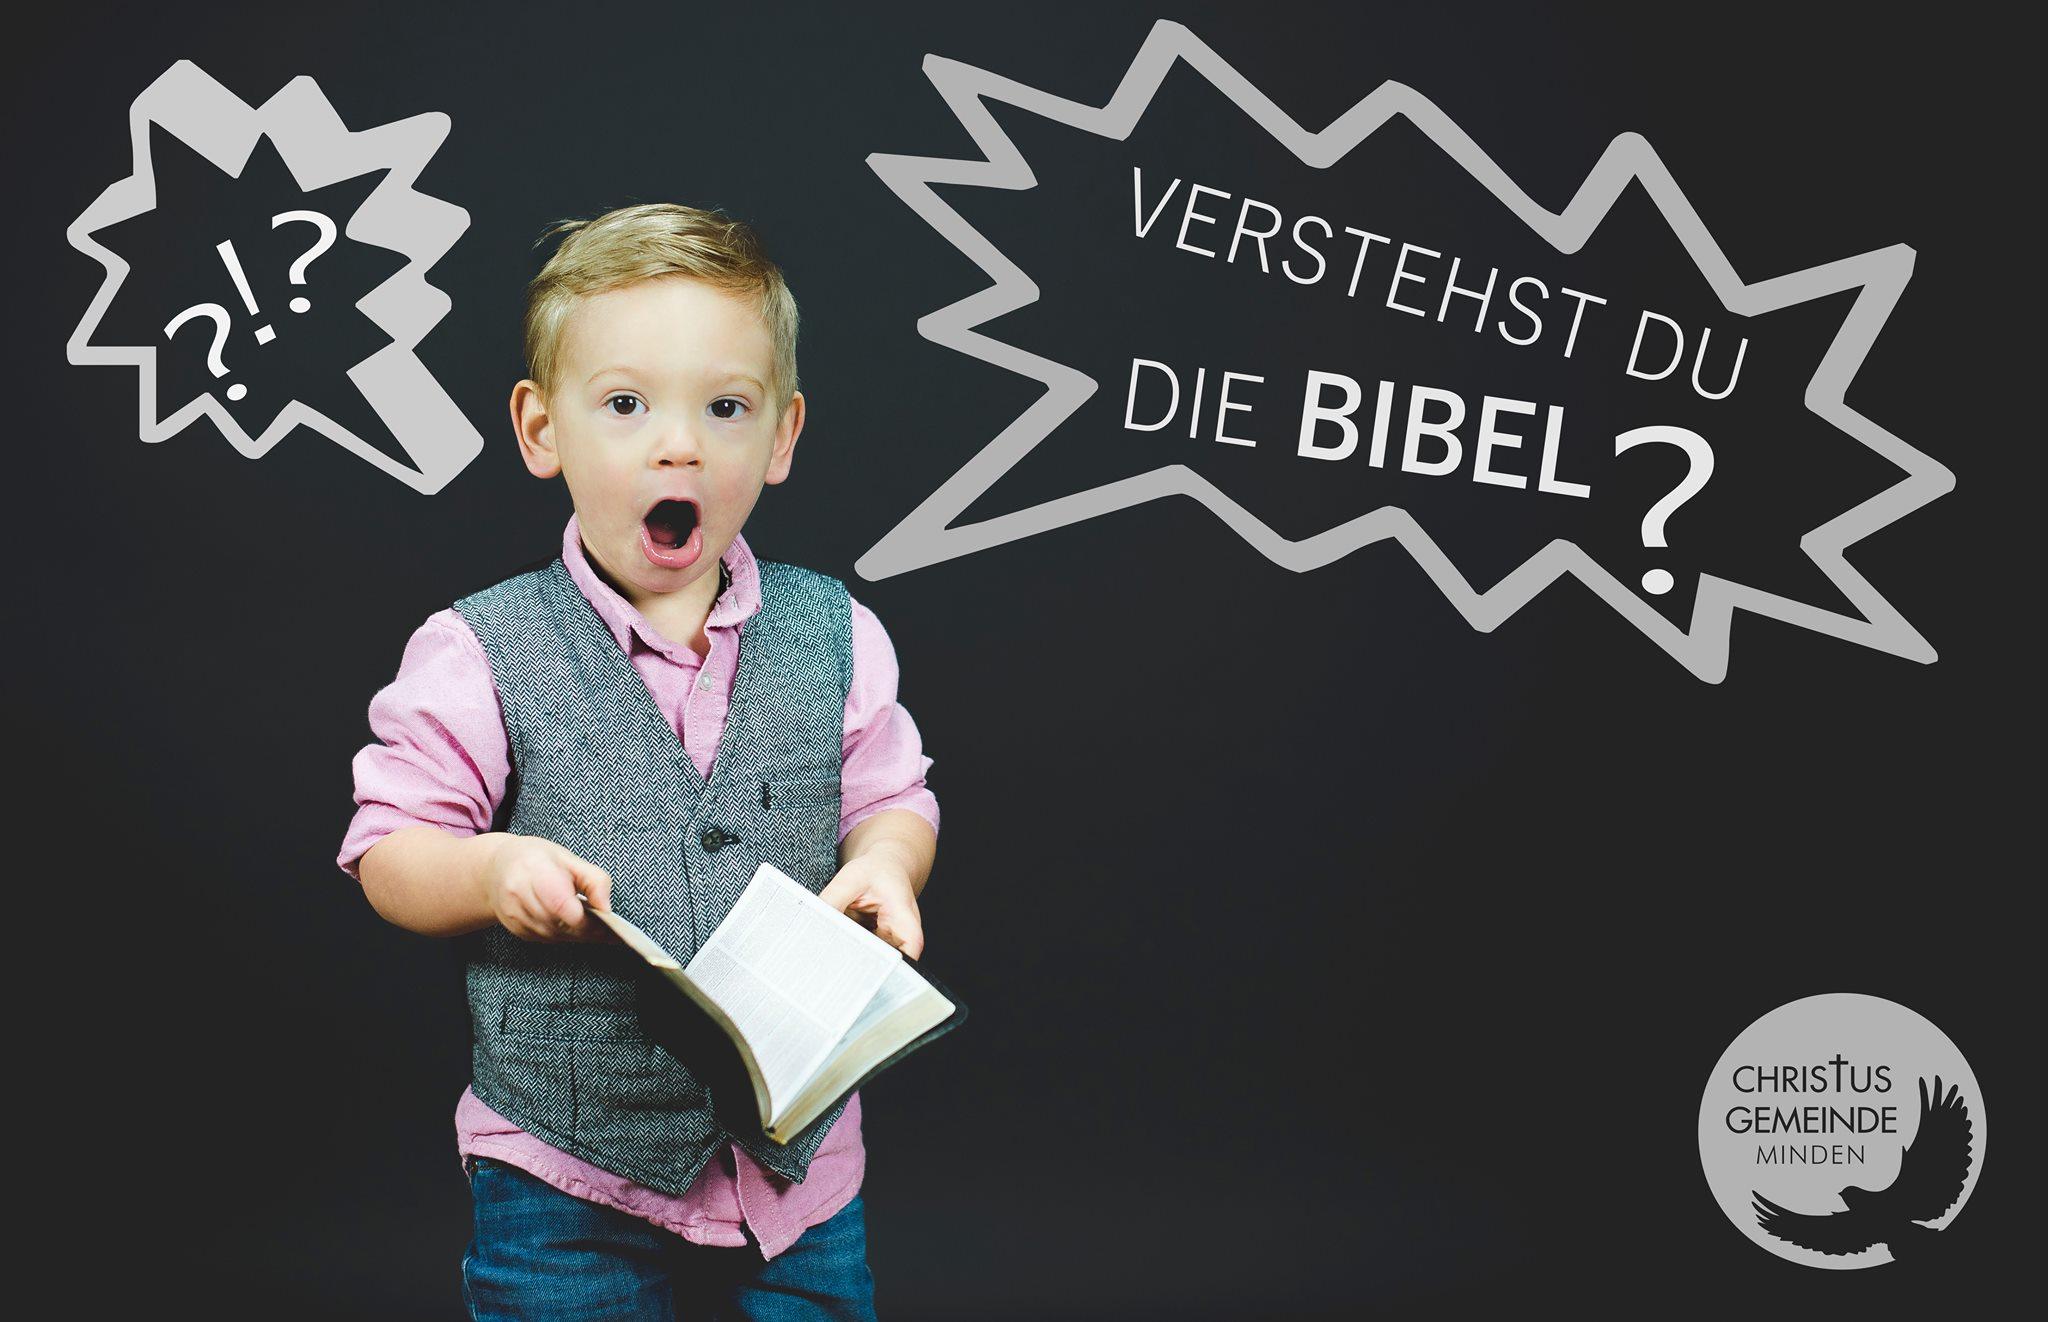 Verstehst du die Bibel?